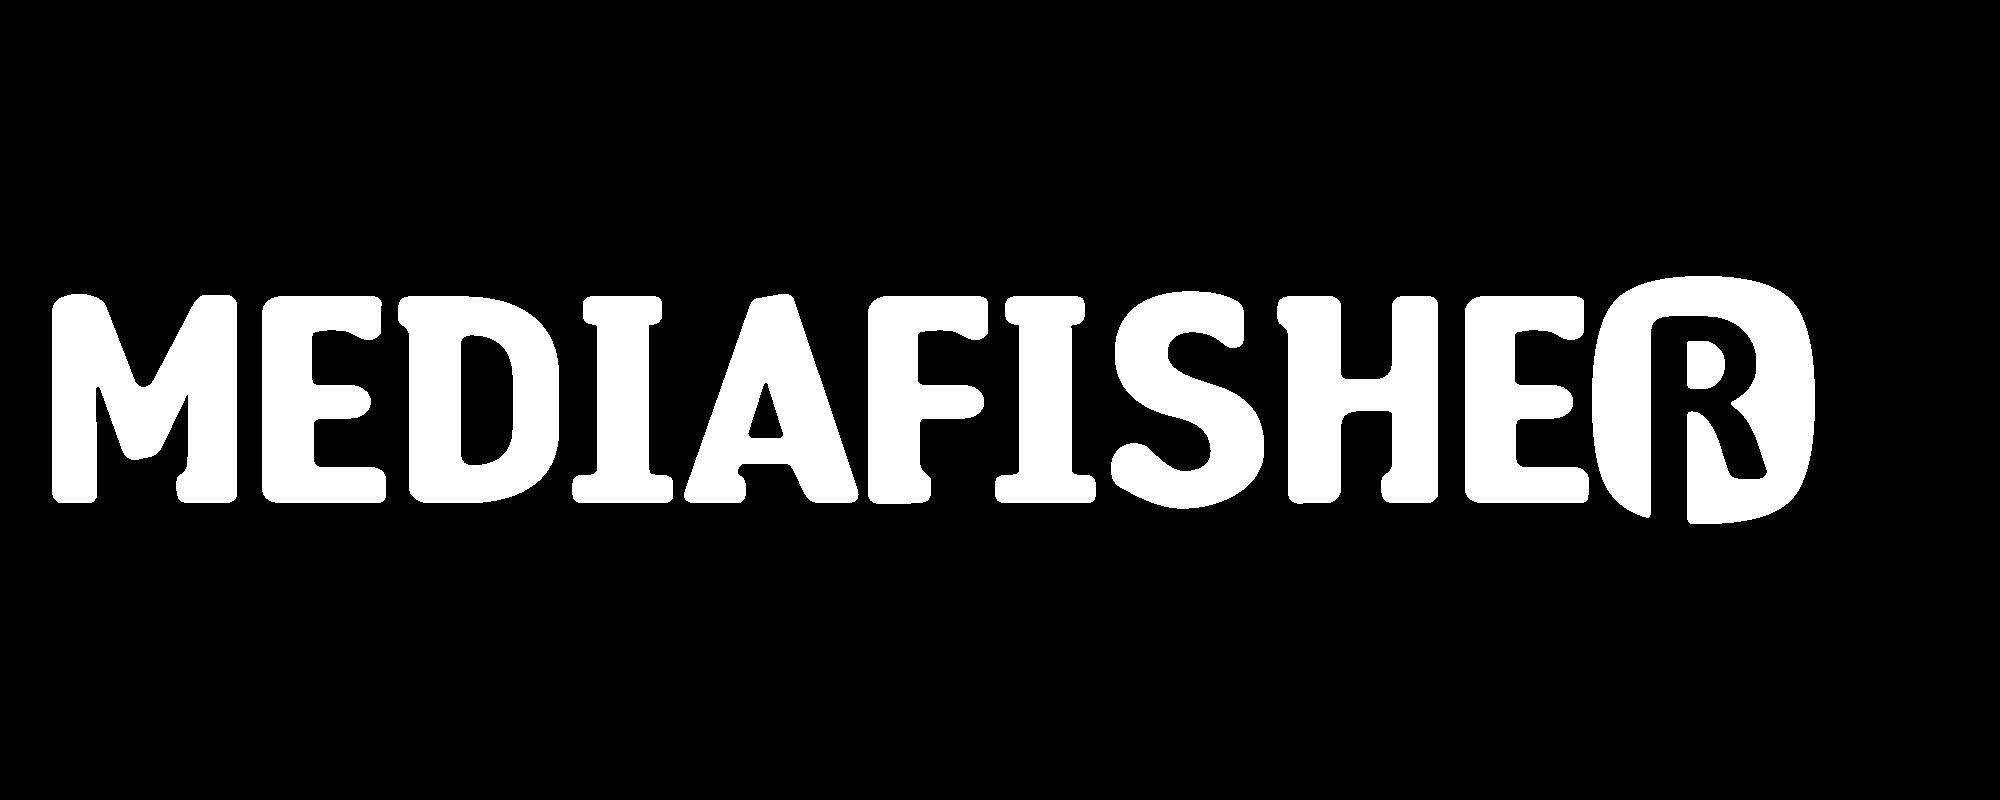 Mediafisher